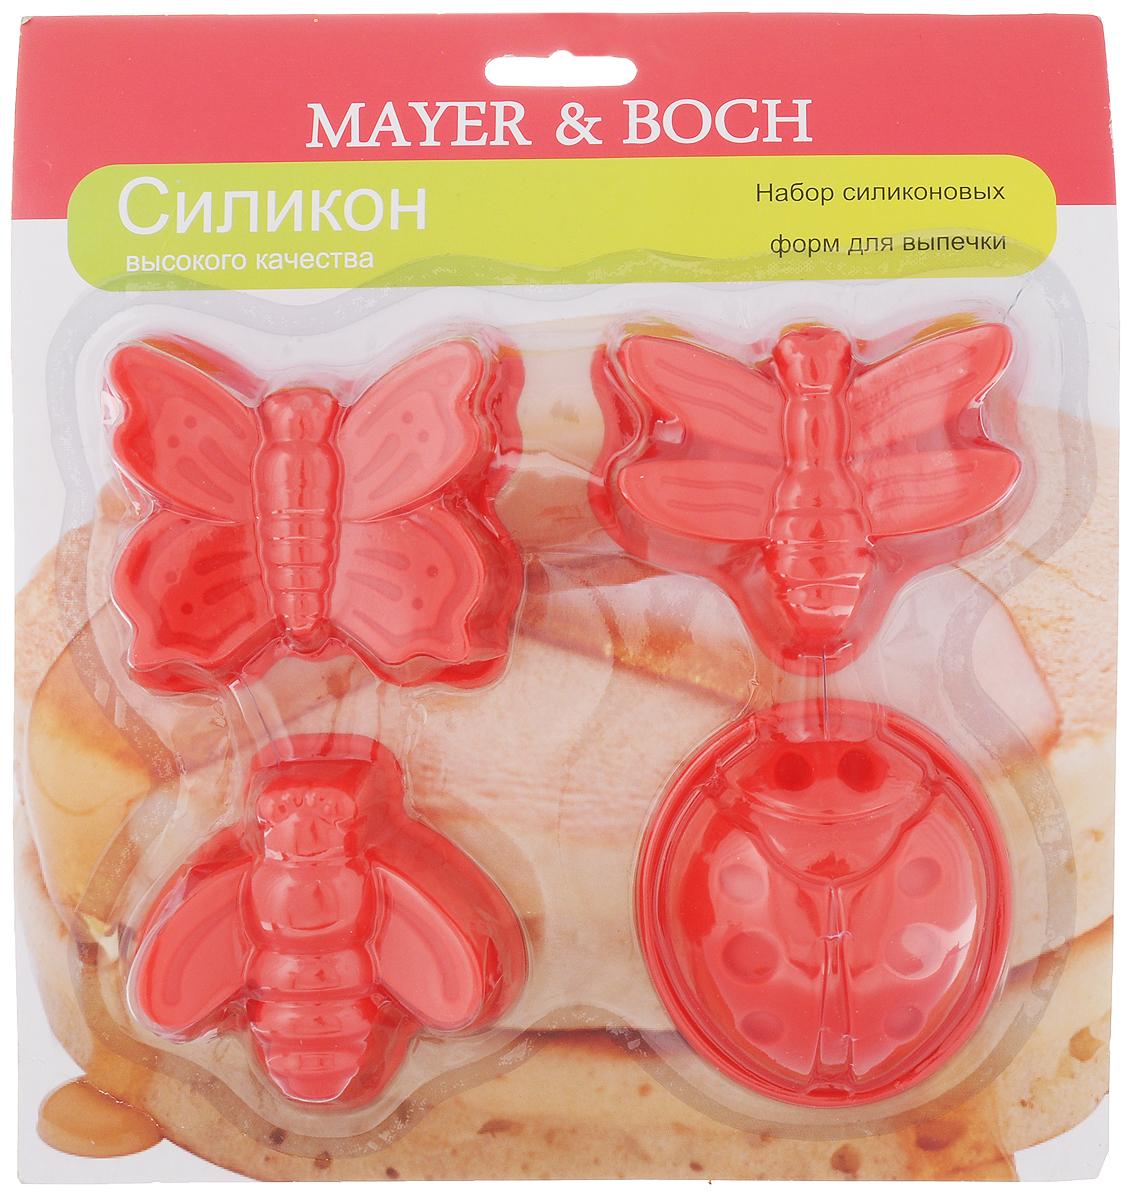 Набор форм для выпечки Mayer & Boch, цвет: красный, 4 шт22079_красныйНабор Mayer & Boch состоит из 4 форм, которые выполнены в виде насекомых. Изделияизготовлены из высококачественного силикона,выдерживающего температуру от -40°C до +210°C. Если вы любите побаловать своих домашних вкусным и ароматным угощением повашему оригинальному рецепту, то формы Mayer & Boch как раз то, что вам нужно!Можно использовать в духовом шкафу и микроволновой печи без использованиярежима гриль.Подходит для морозильной камеры и мытья в посудомоечной машине.Средний размер форм: 7 х 7 х 3 см.